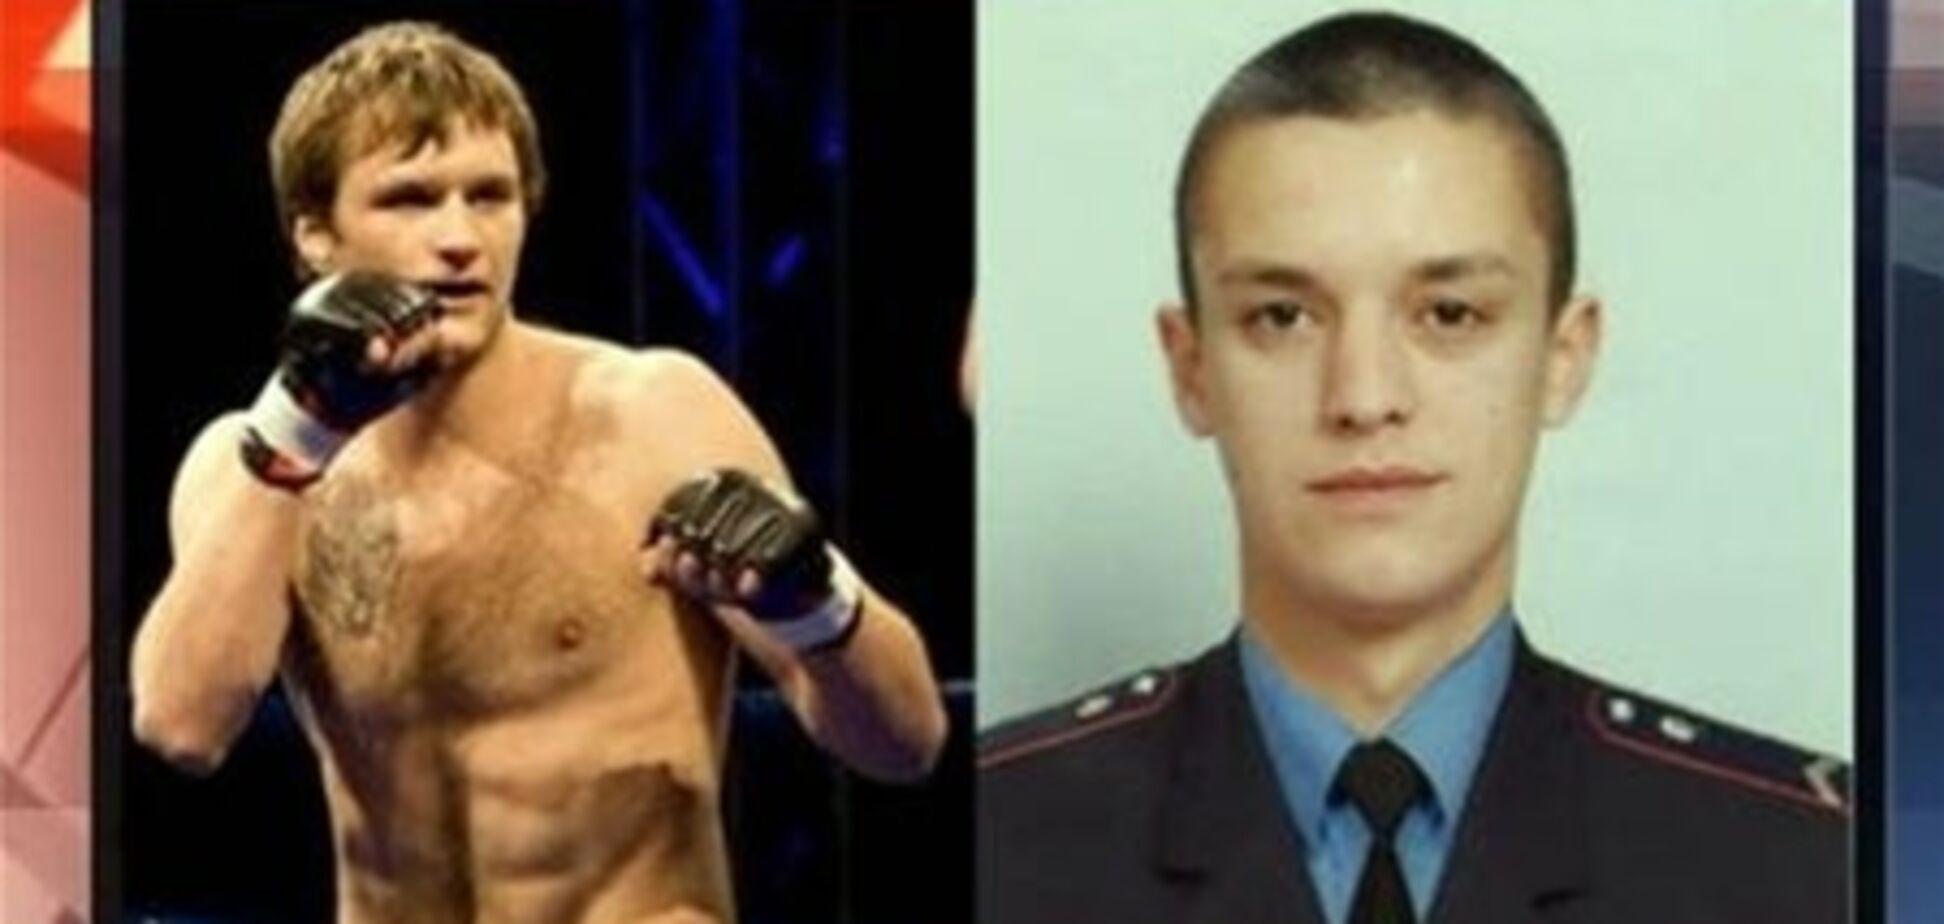 Суд Севастополя видав санкцію на арешт самбіста, підозрюваного у вбивстві